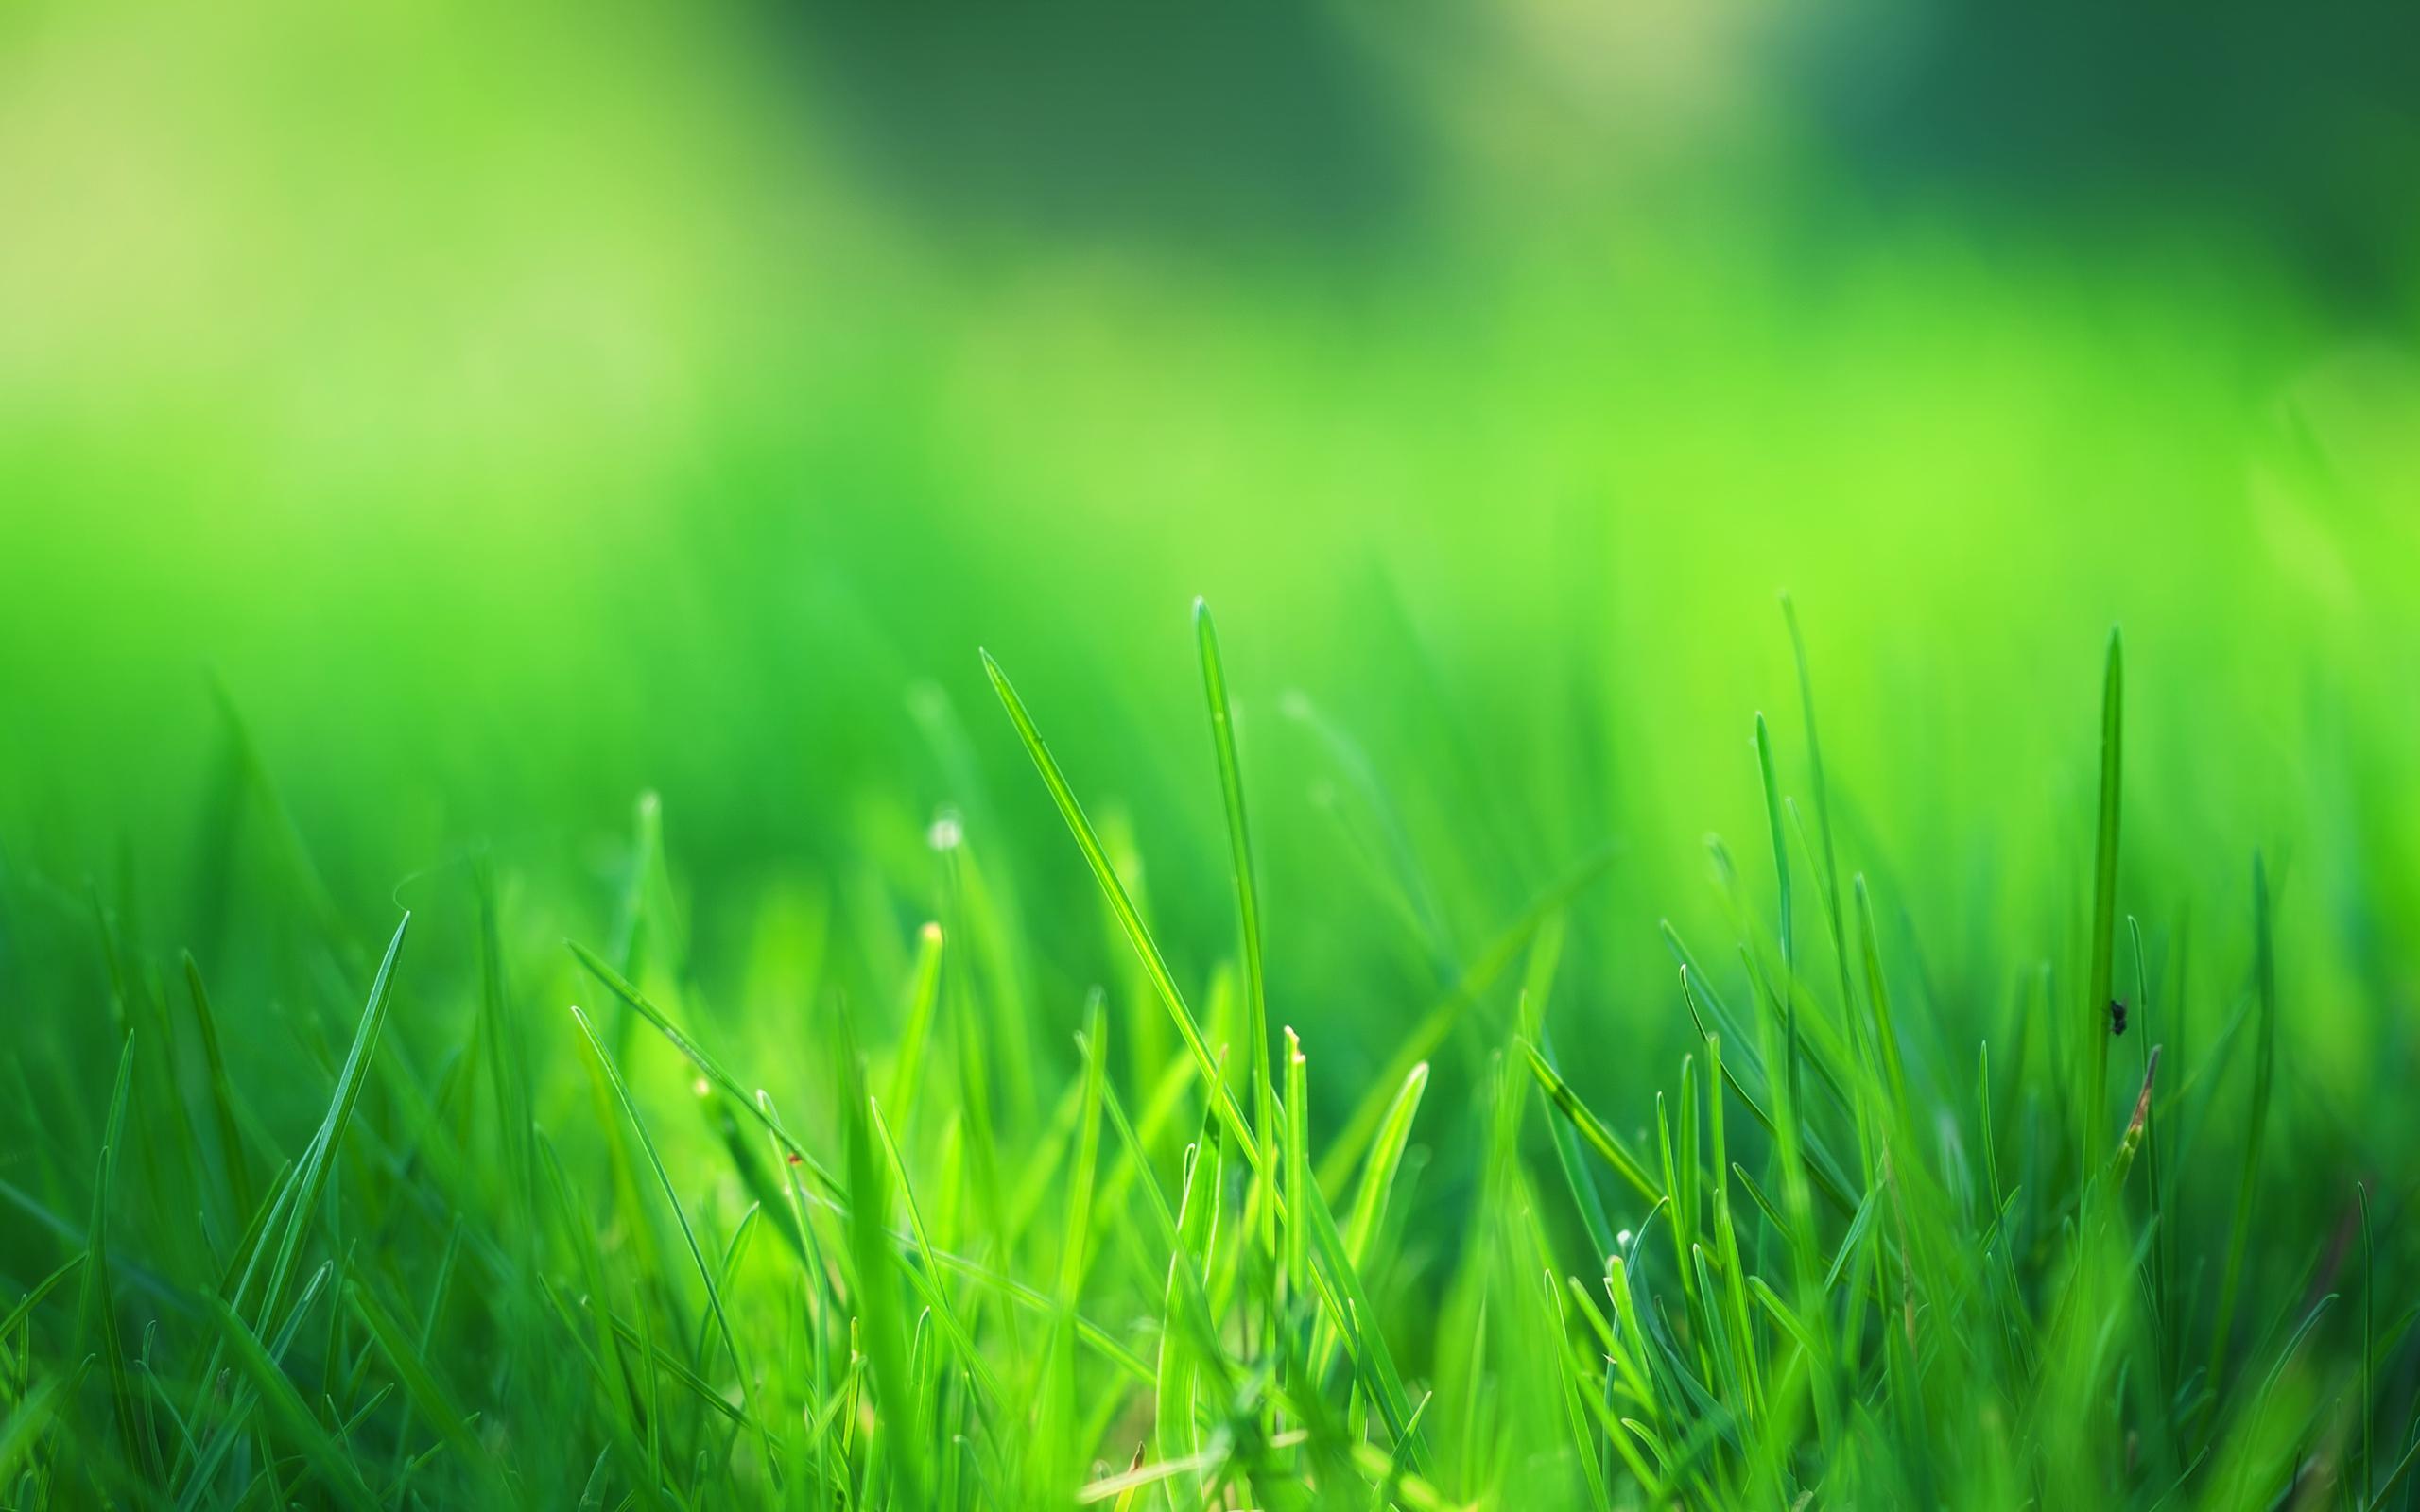 HD Wallpapers Green Grass Field